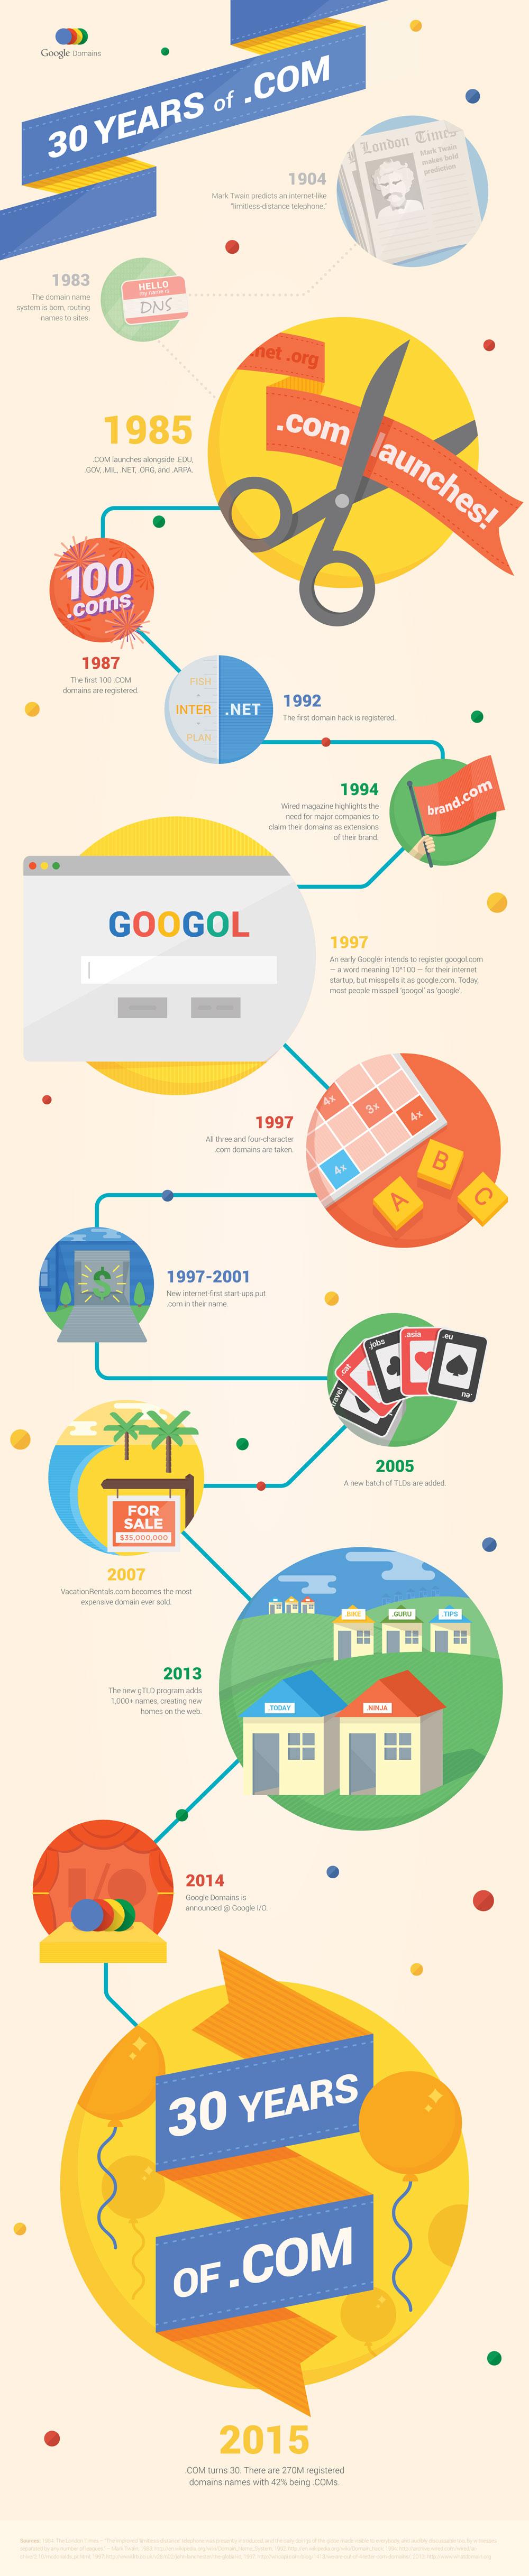 COM Uzantısının 30 Yılı (infografik: Google)